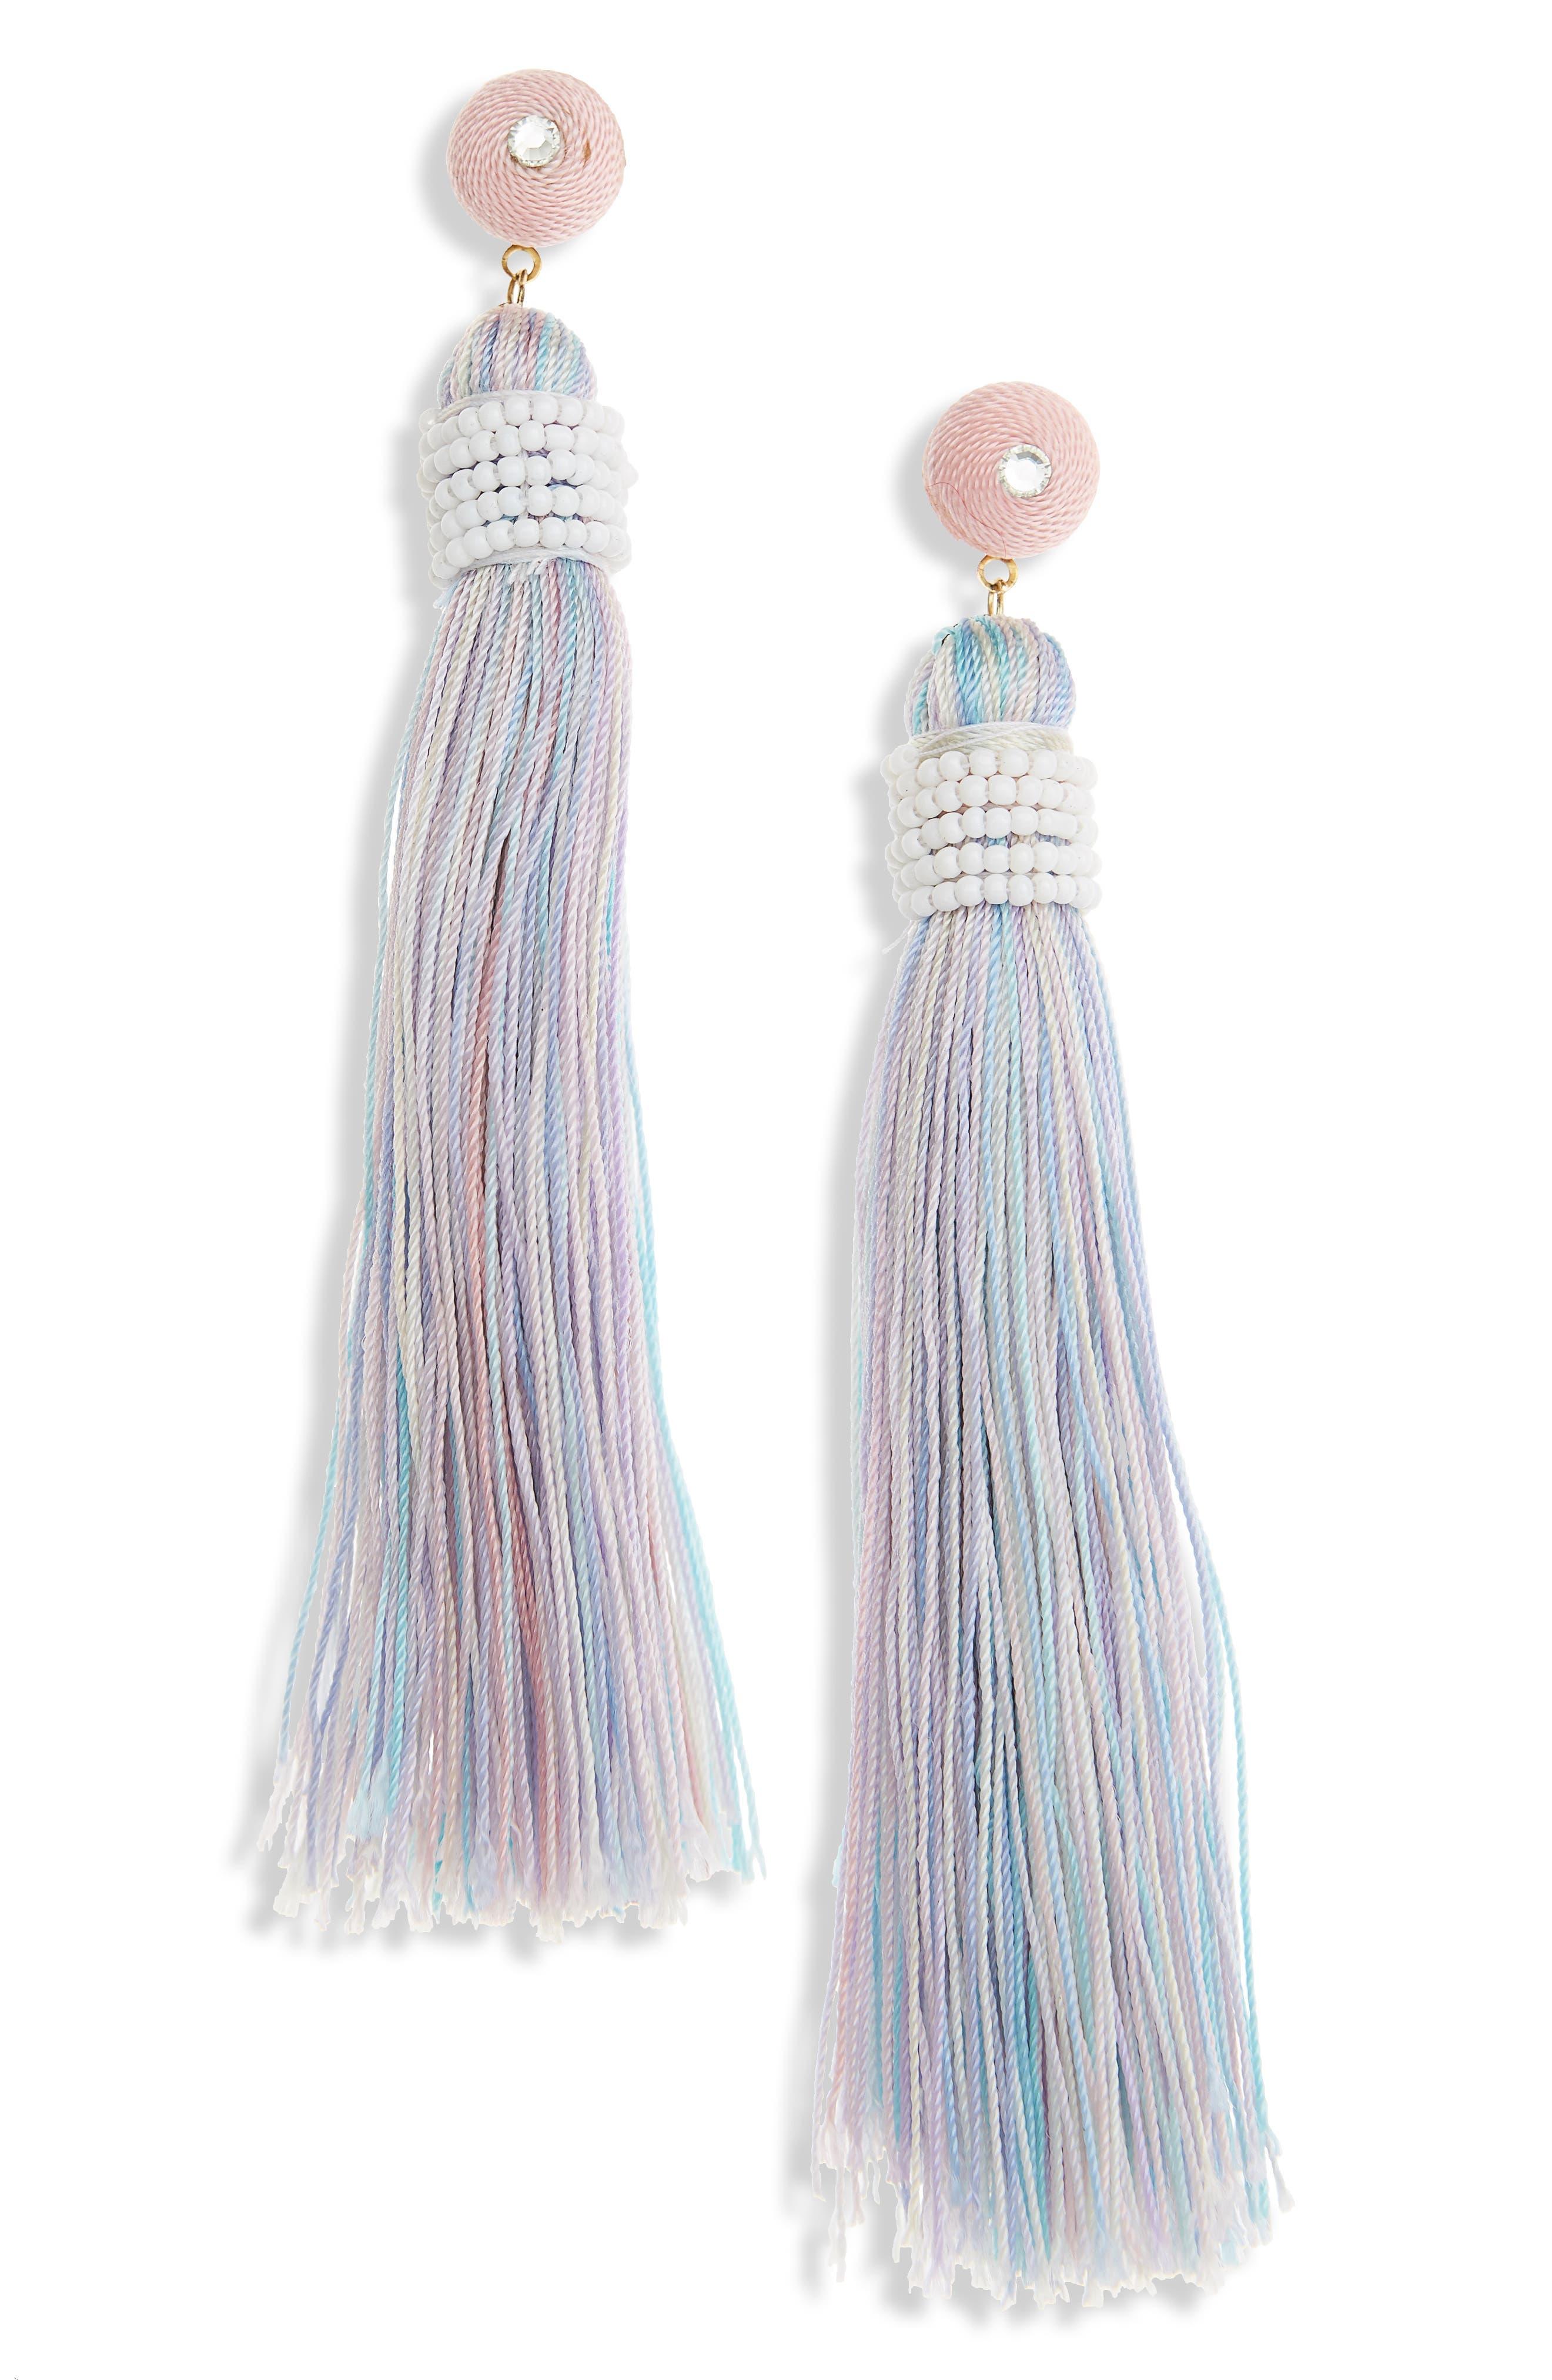 Beaded Wrap Tassel Earrings,                             Main thumbnail 1, color,